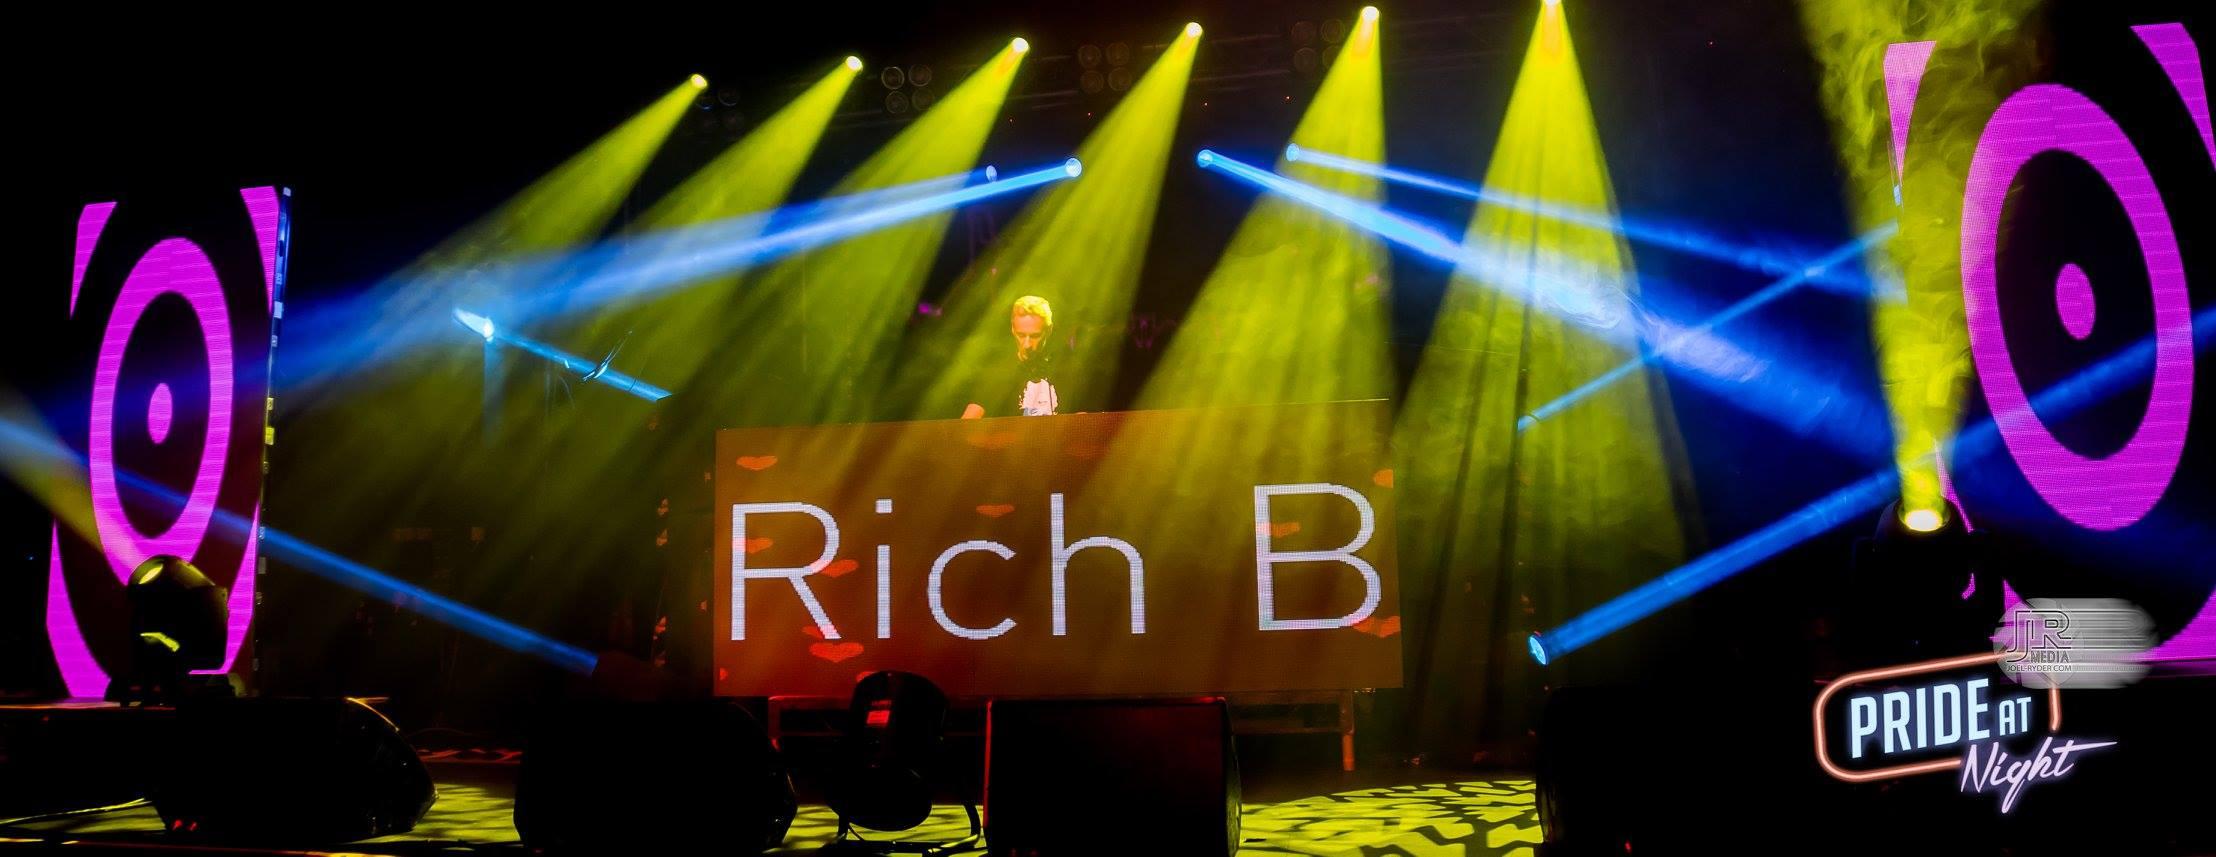 Rich B at Pride At Night June 2016 11